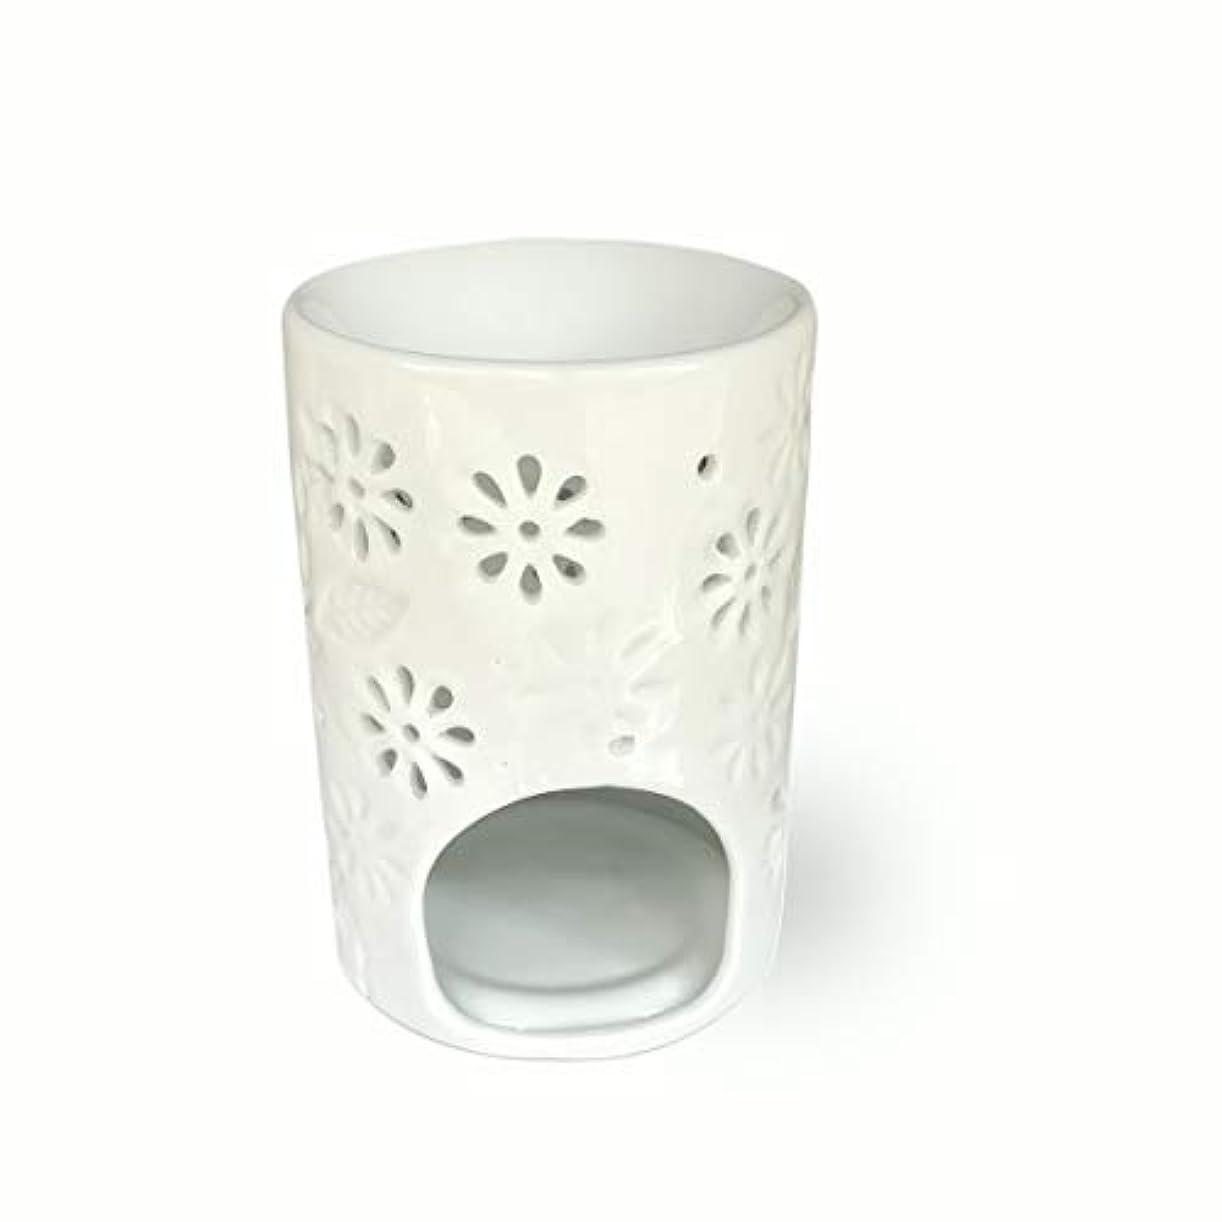 復活潮教会(Vase Shaped) - ToiM Milk White Ceramic Hollowing Floral Aroma Lamp Candle Warmers Fragrance Warmer Oil Diffuser...